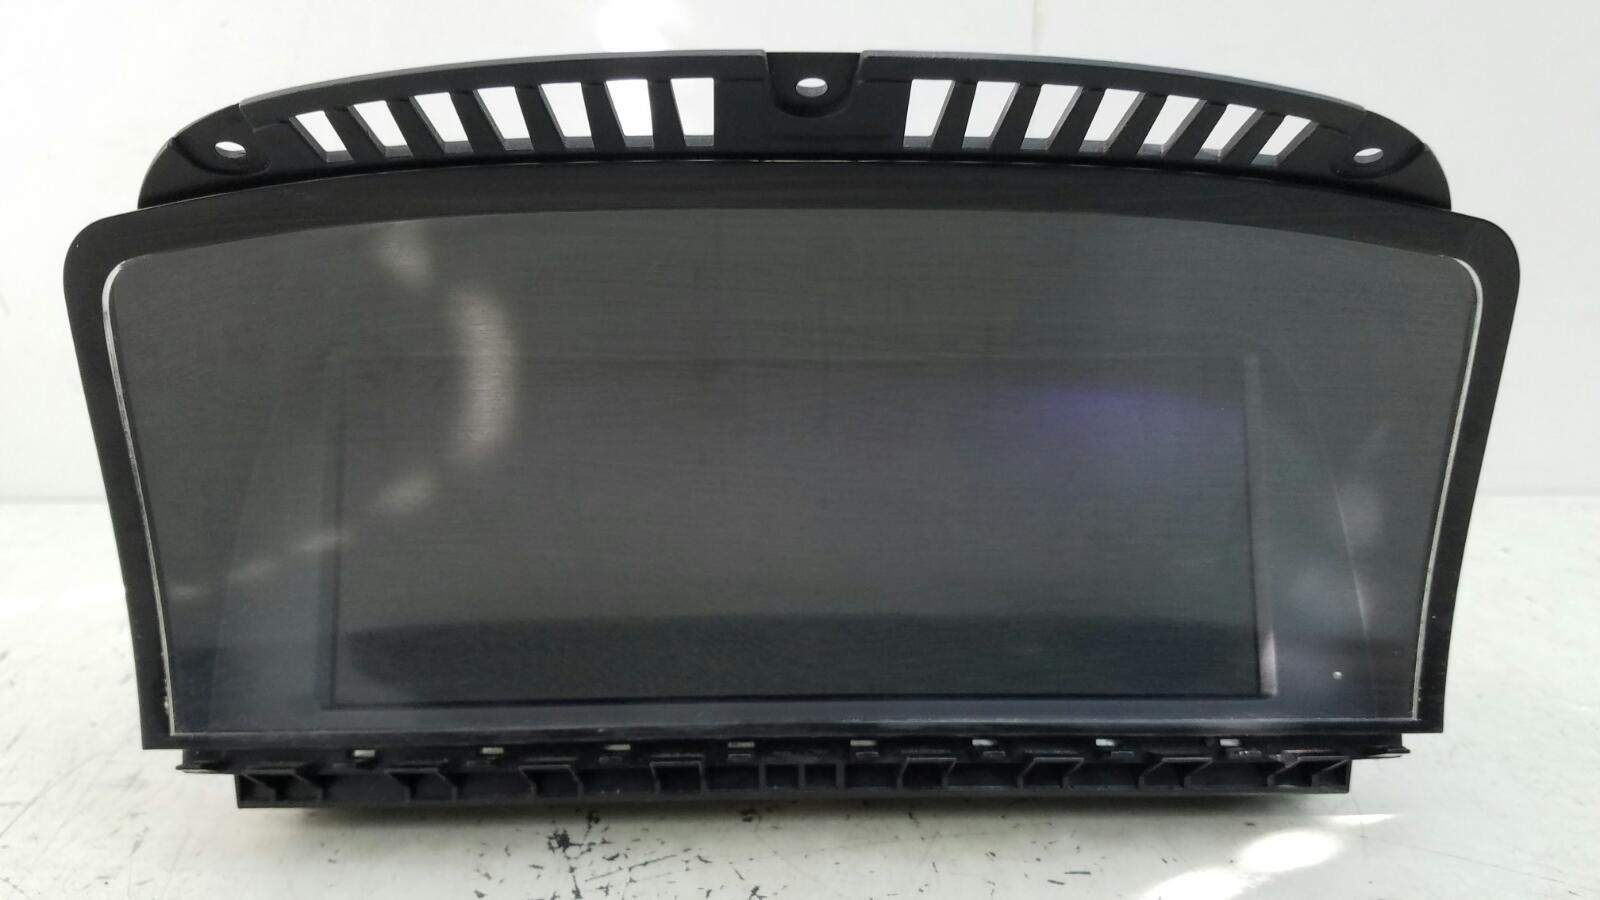 Дисплей информационный монитор Bmw 745 I Li E65 N62 2001